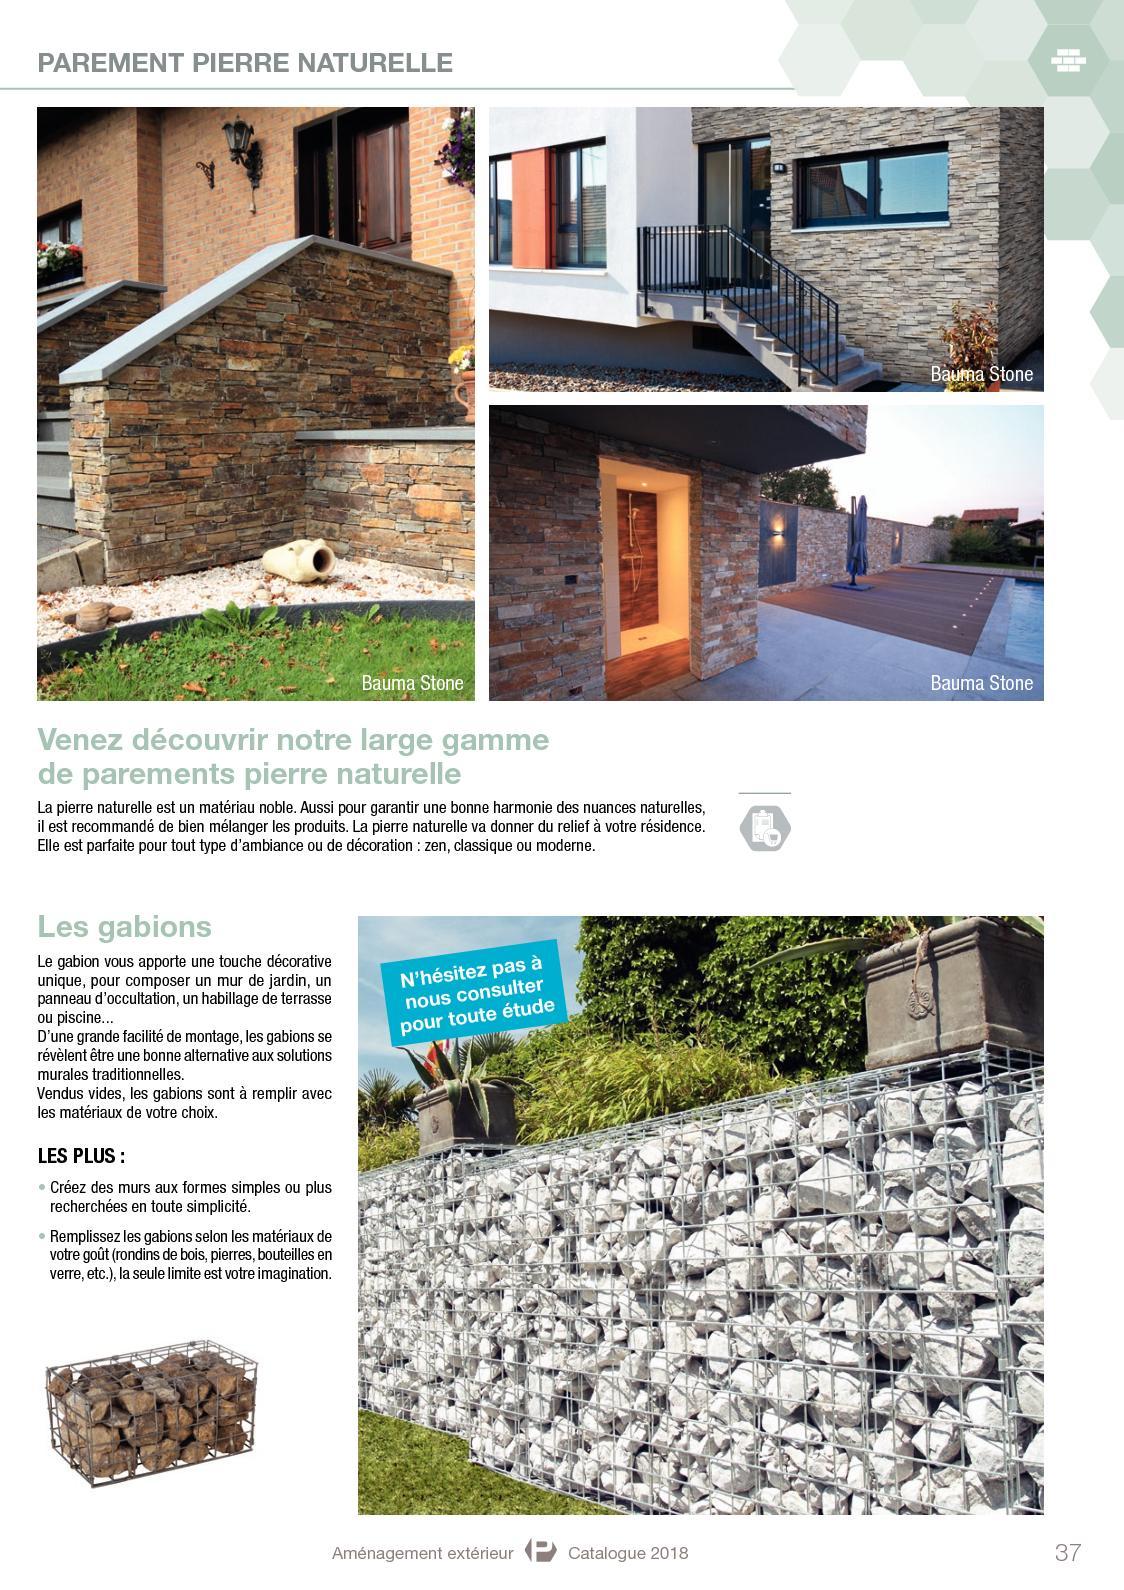 Amenagement Jardin Avec Piscine Bois catalogue aménagement extérieur 2018 - calameo downloader